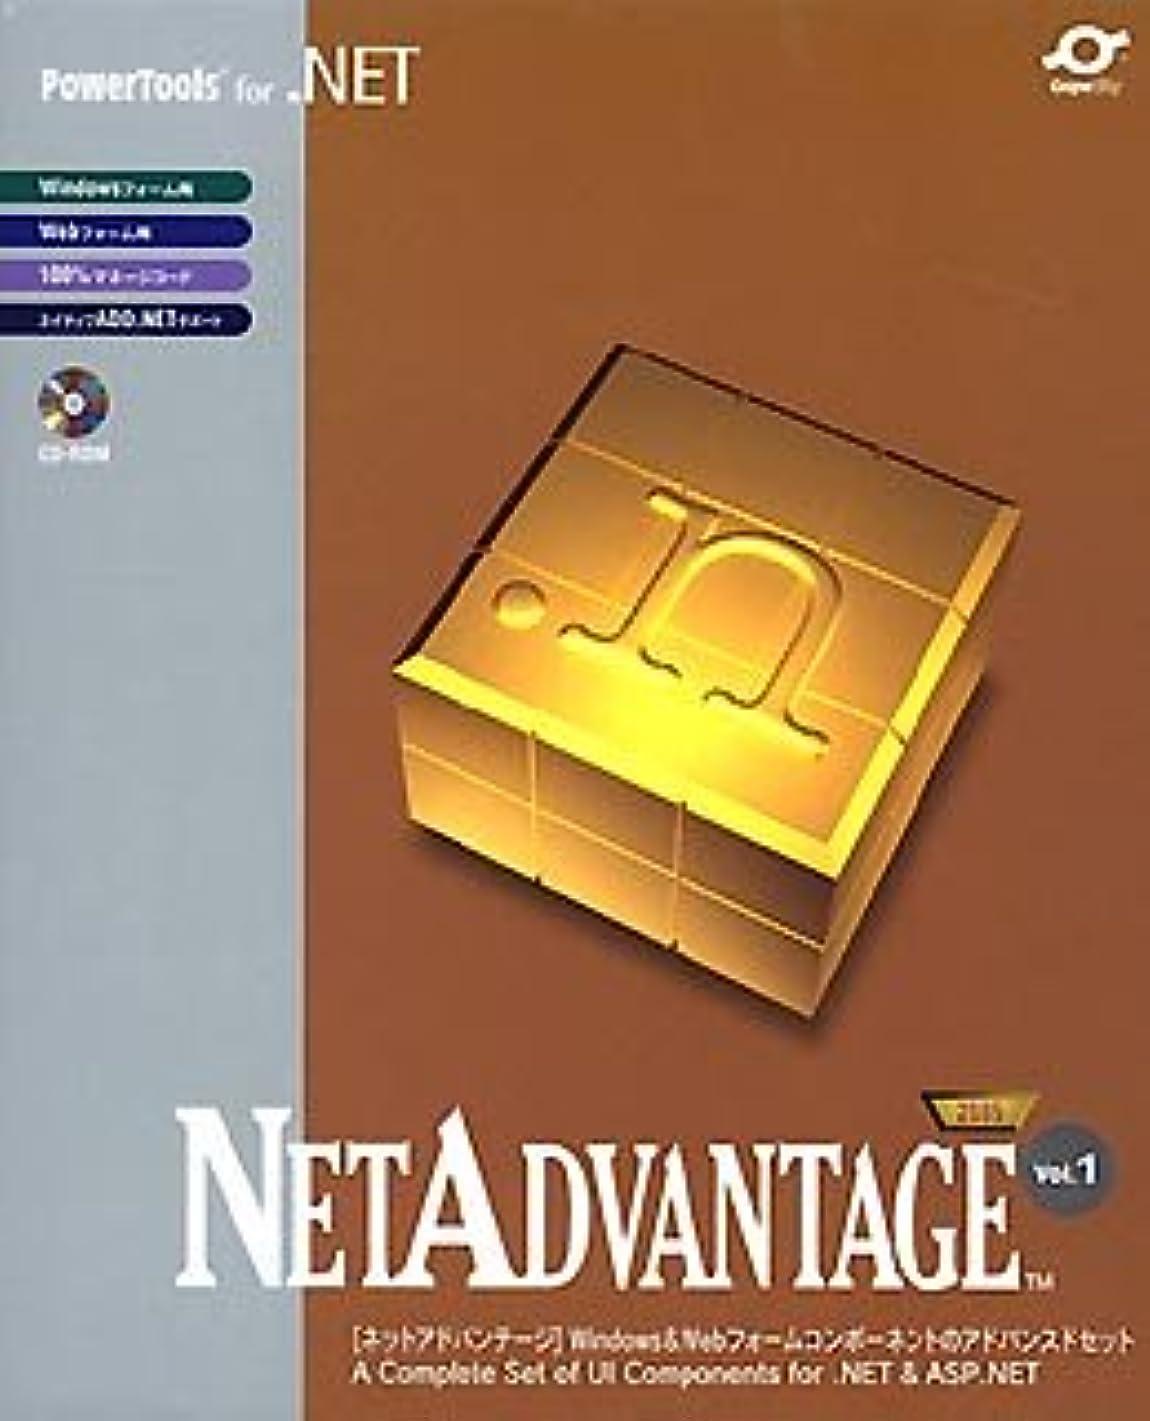 機会子犬煙NetAdvantage 2005 Vol.1 1開発ライセンスパッケージ